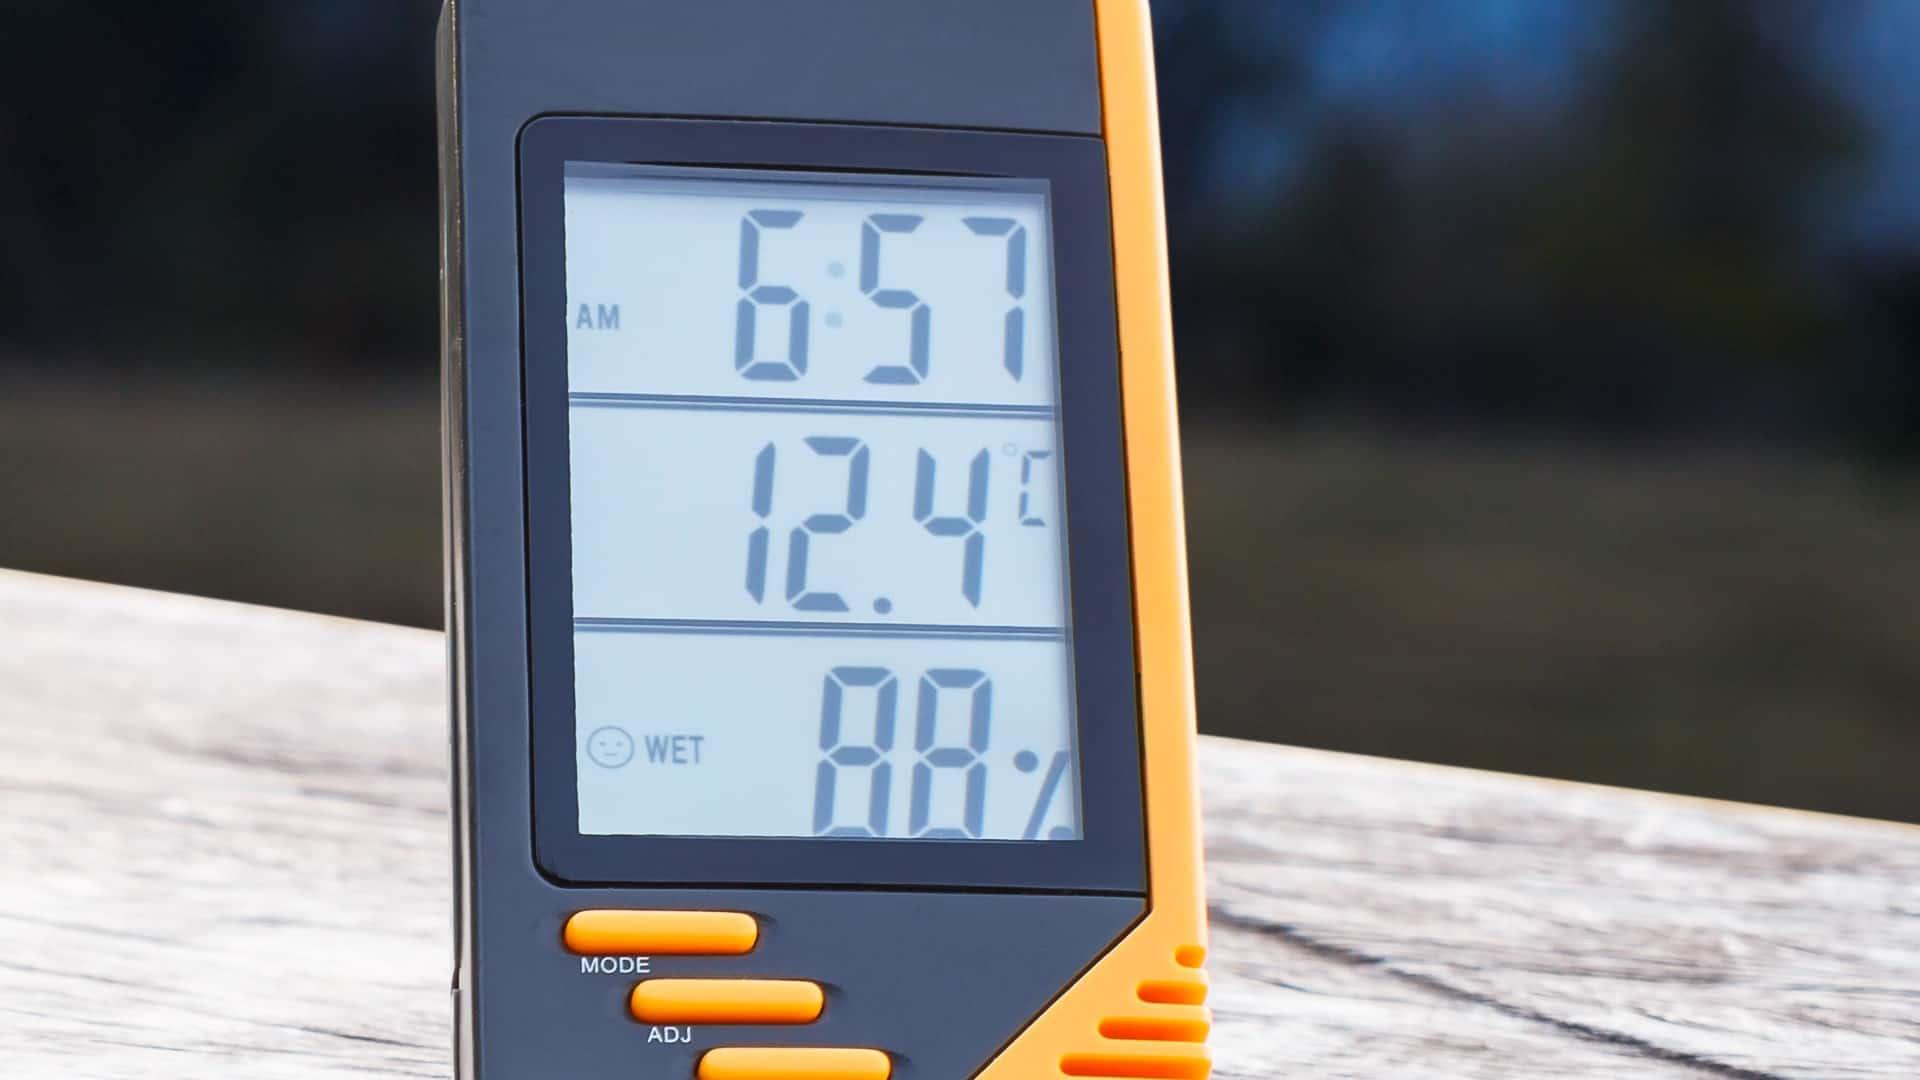 Imagem mostra estação metereológica.